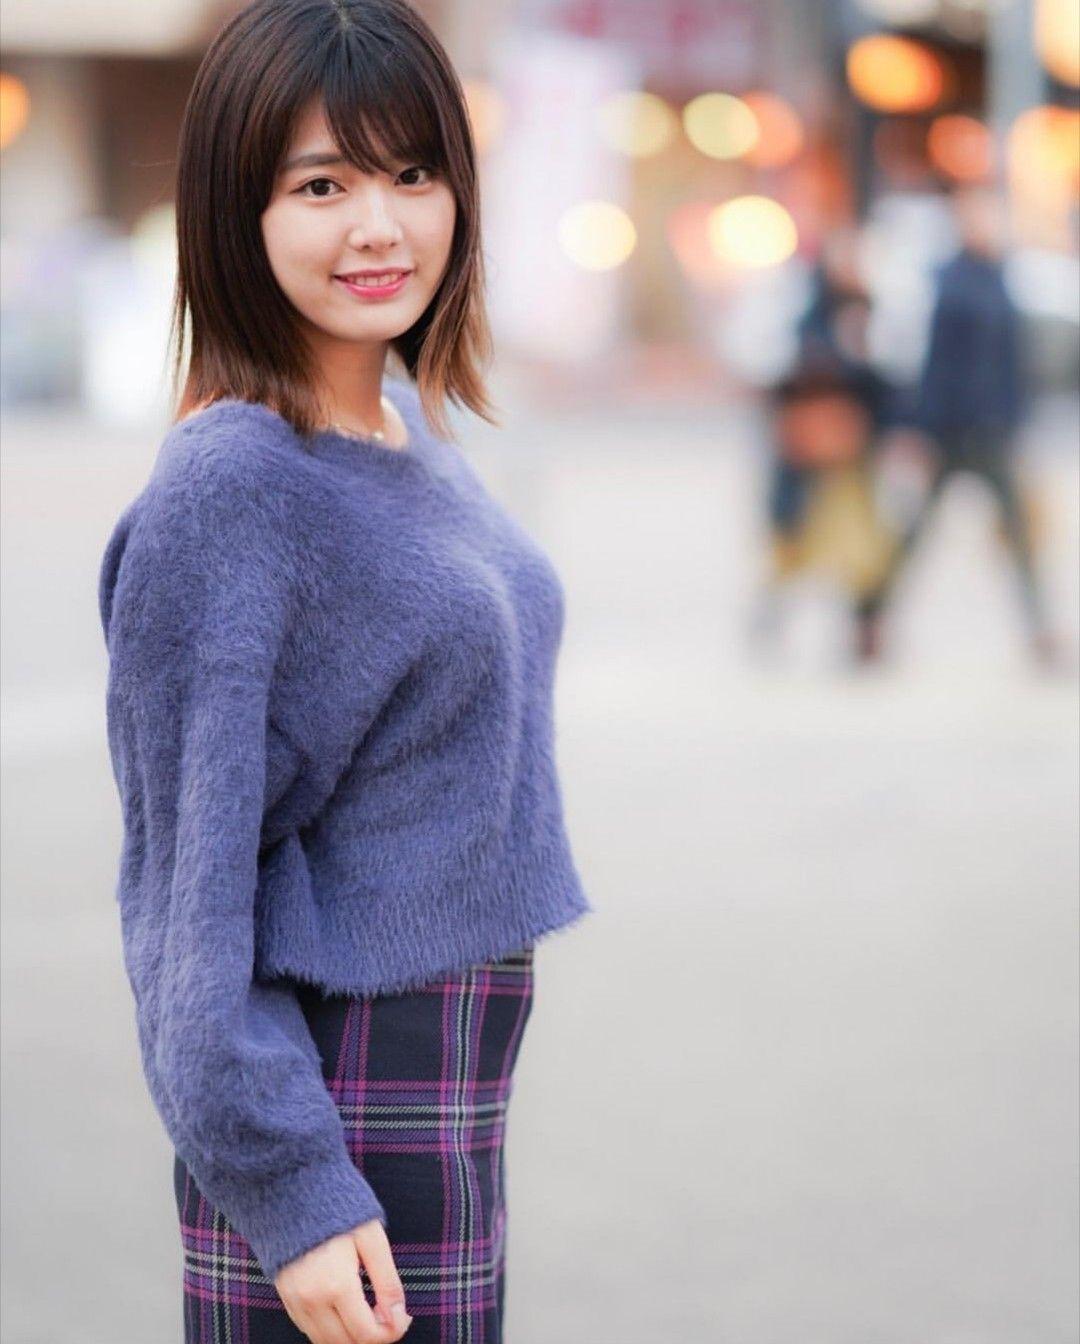 黒田みゆちゃん」おしゃれまとめの人気アイデア Pinterest ミスター マサ   モデル 写真, モデル, きれいな女性